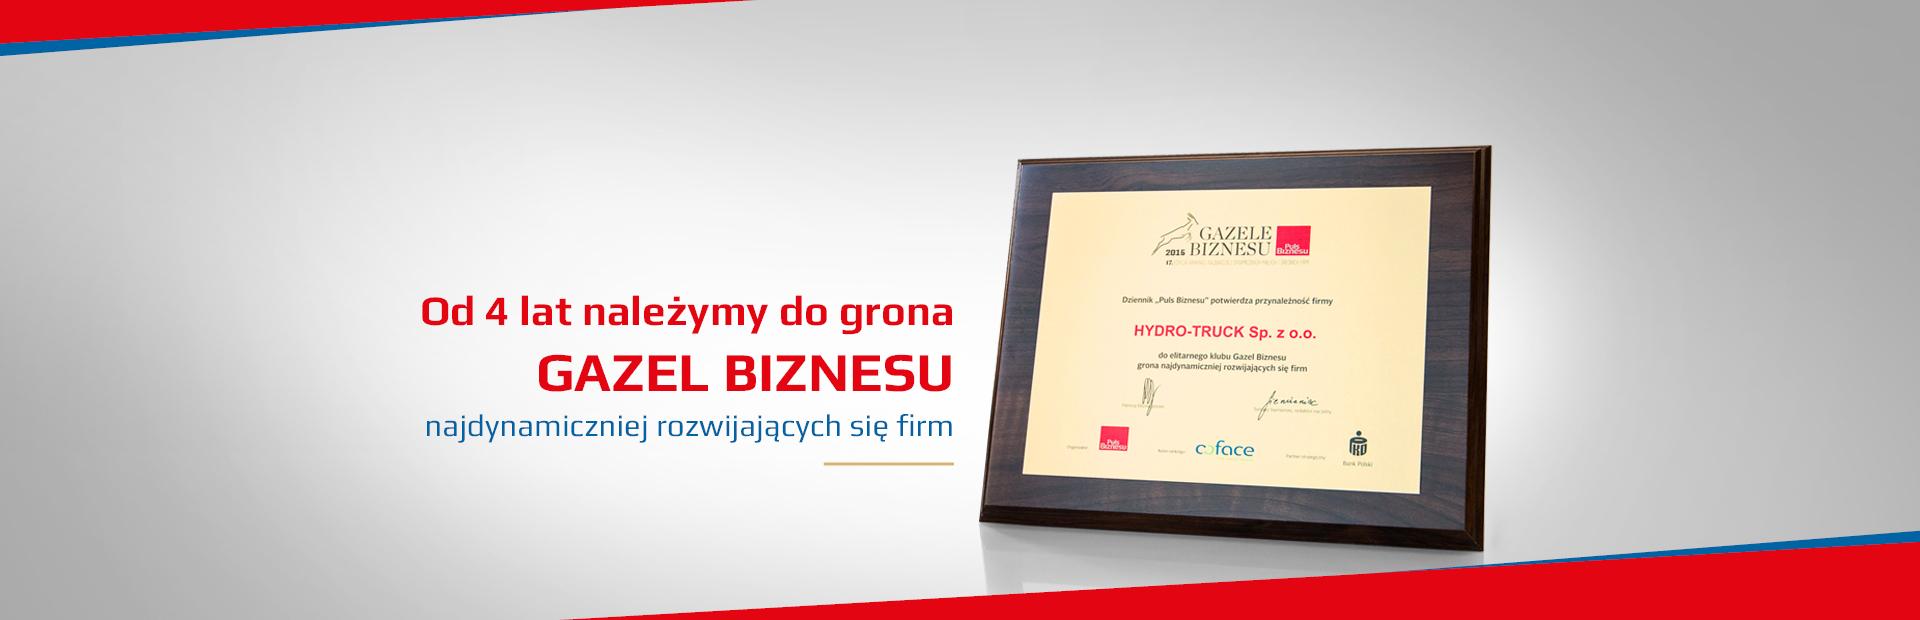 Gazele Biznesu - Hydro-Truck Sp. z o.o.